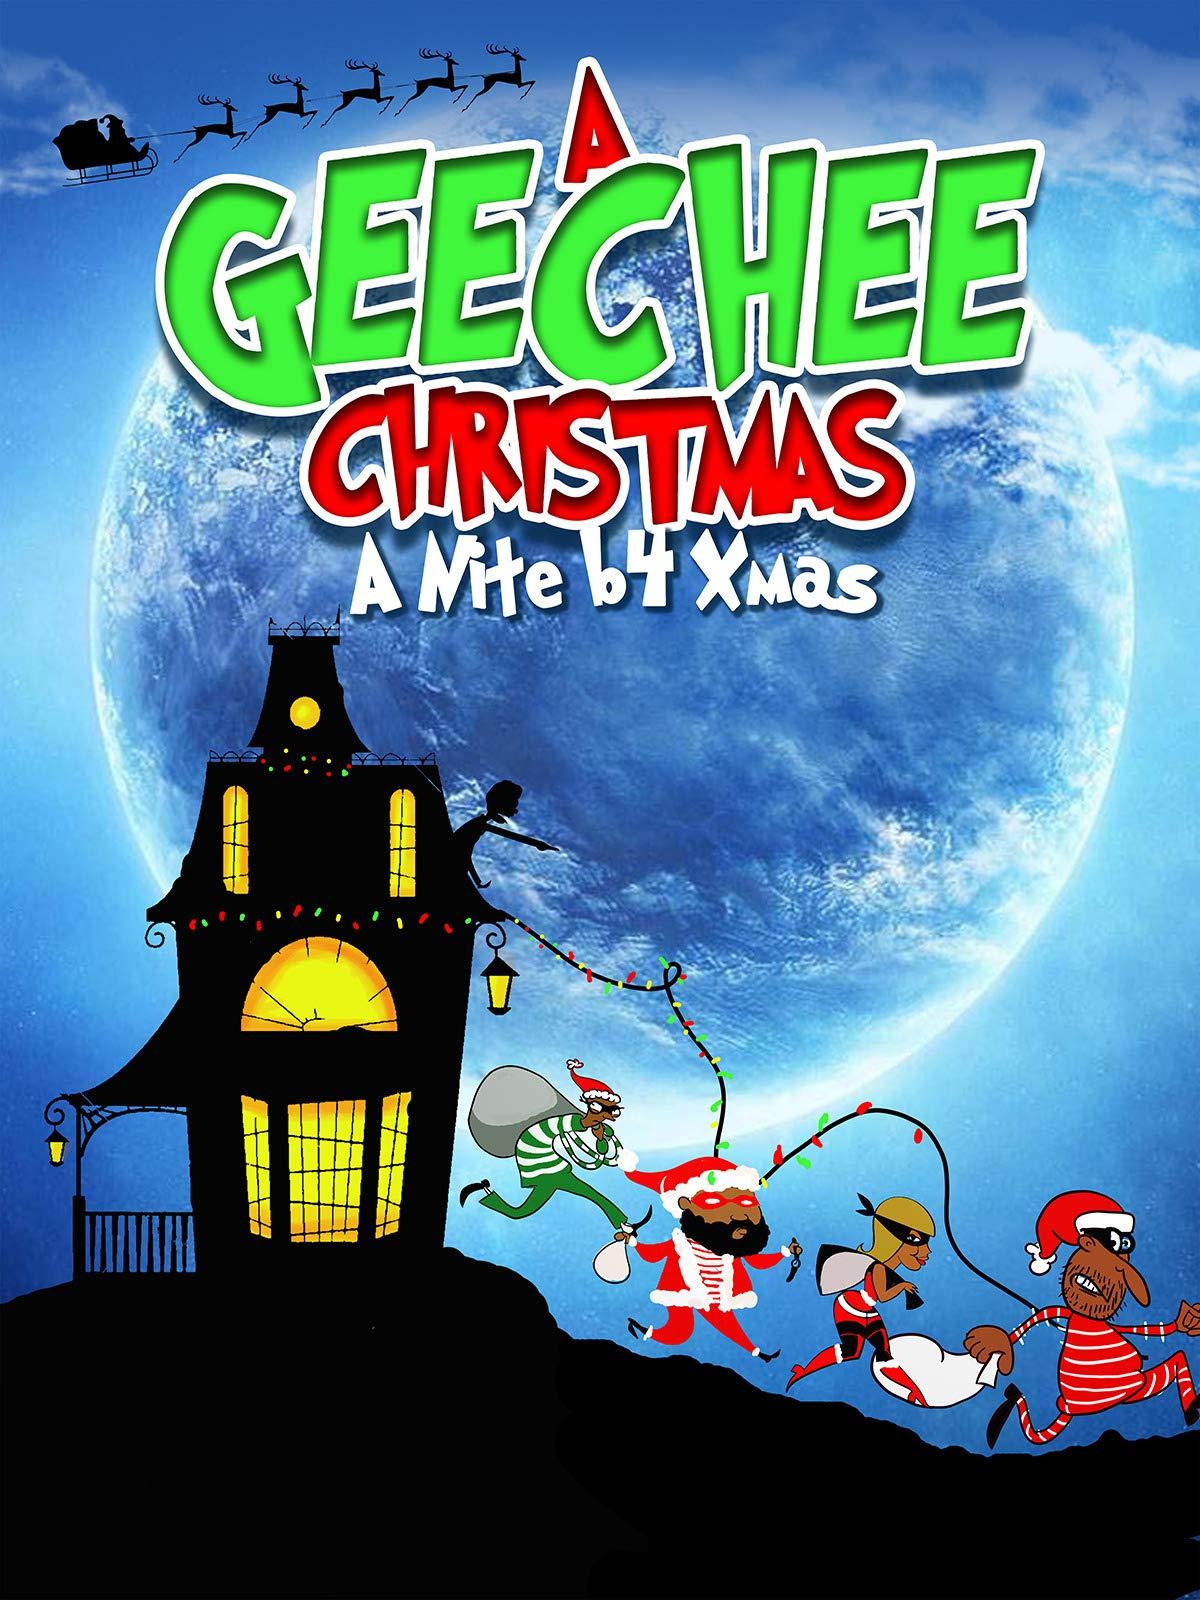 A Geechee Christmas